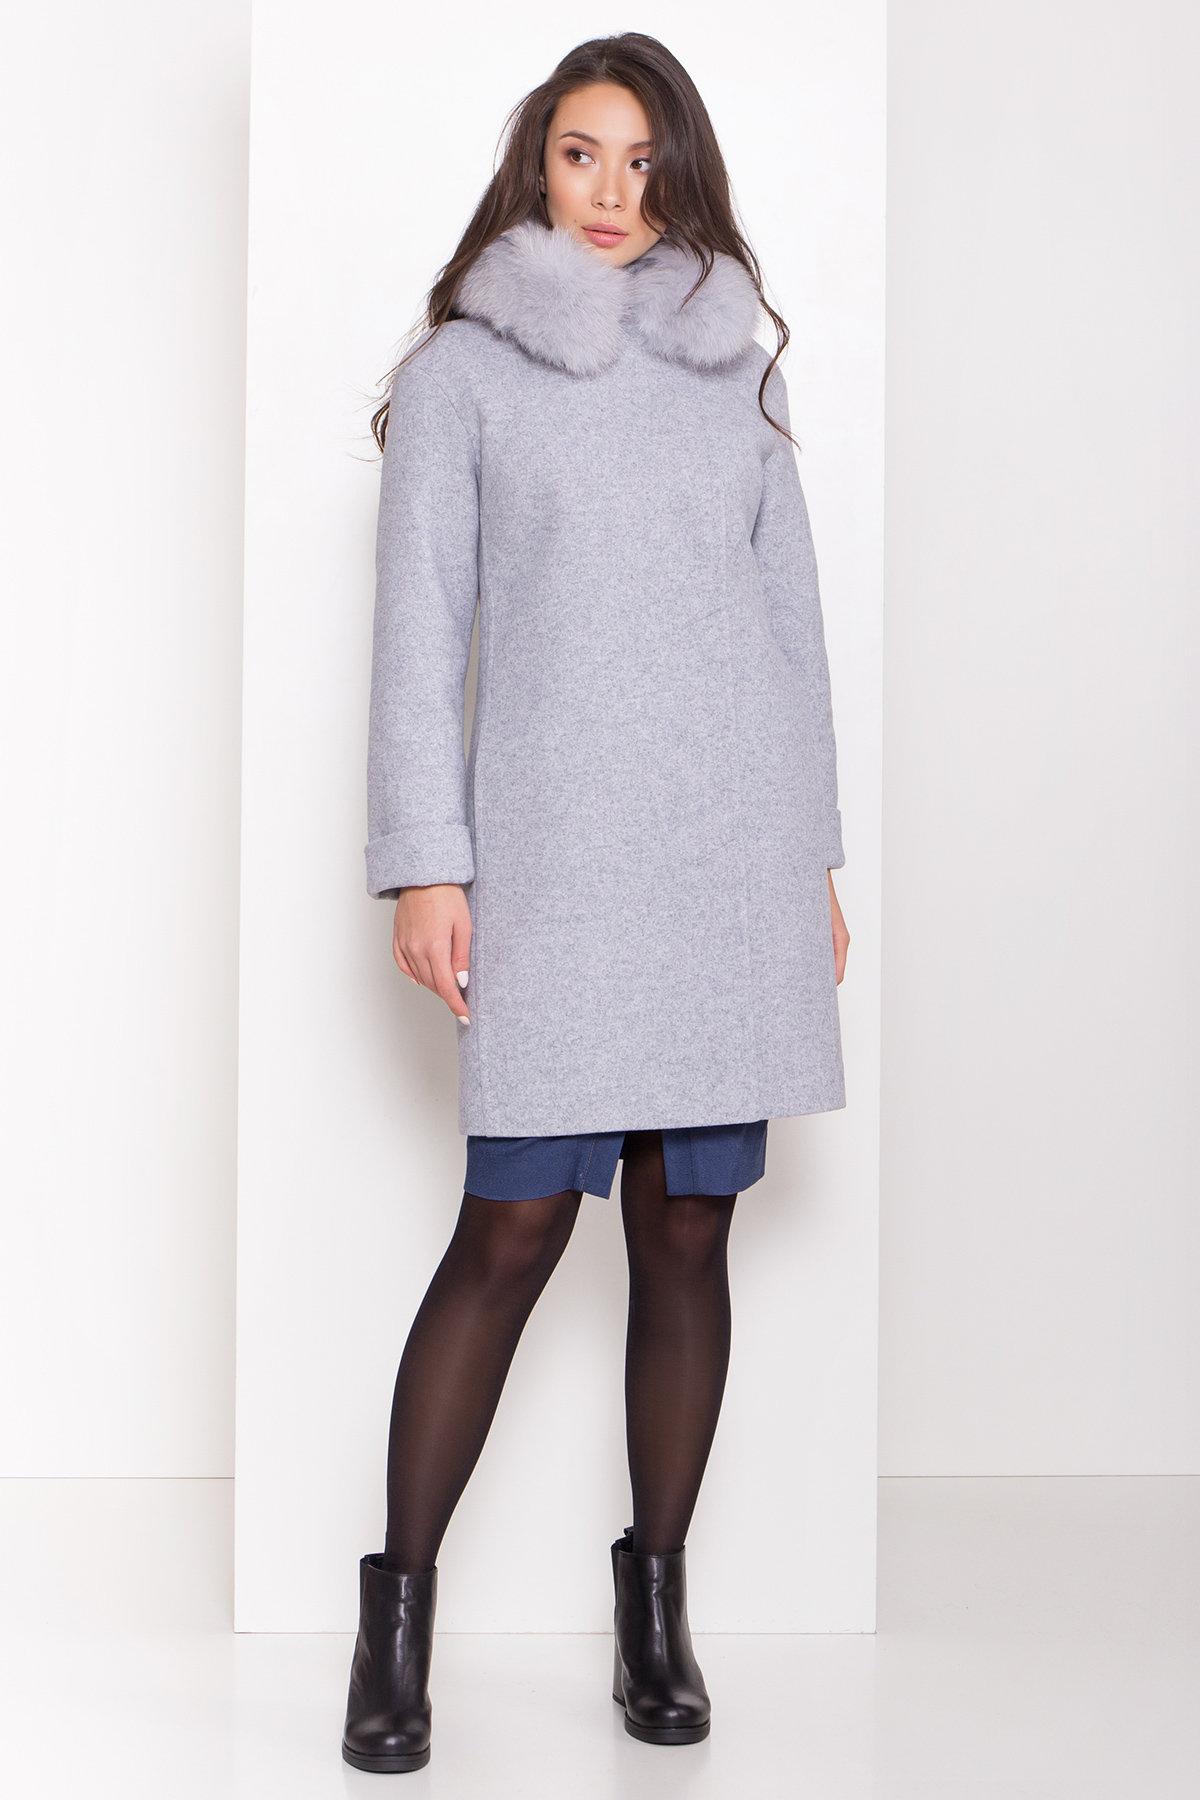 Полуприталенное зимнее пальто серых тонов Лизи 8170 АРТ. 44182 Цвет: Серый Светлый 33 - фото 2, интернет магазин tm-modus.ru